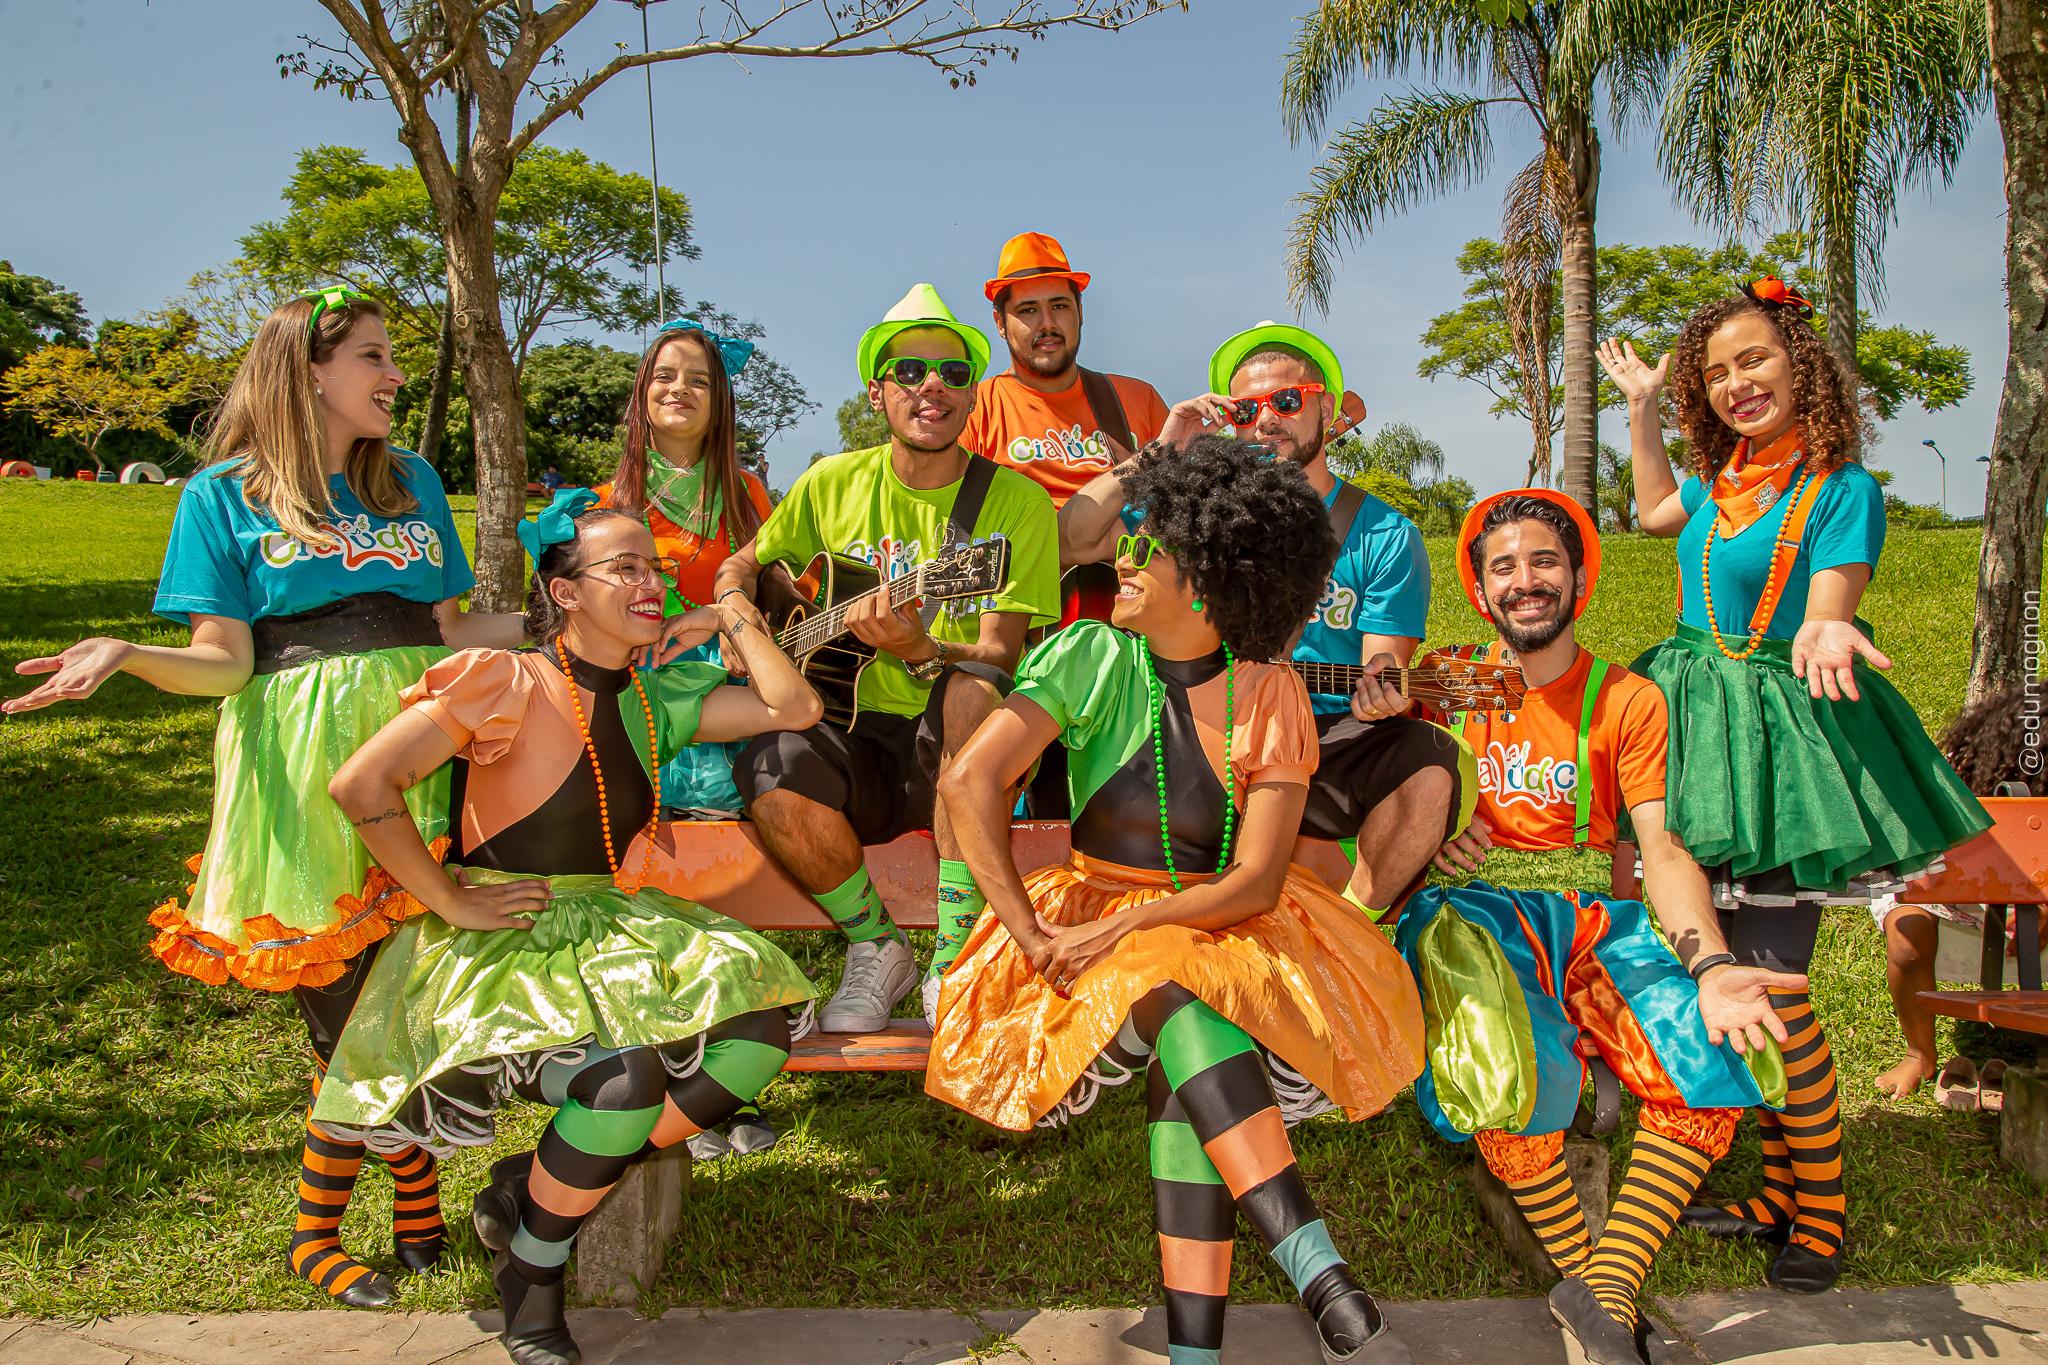 Dia da Criança terá Cia. Lúdica. Nove pessoas, entre homens em mulheres, com roupas coloridas em um dia ensolardo, com muito verde em volta. Dois homens estão com dois violões, e todos sorriem.